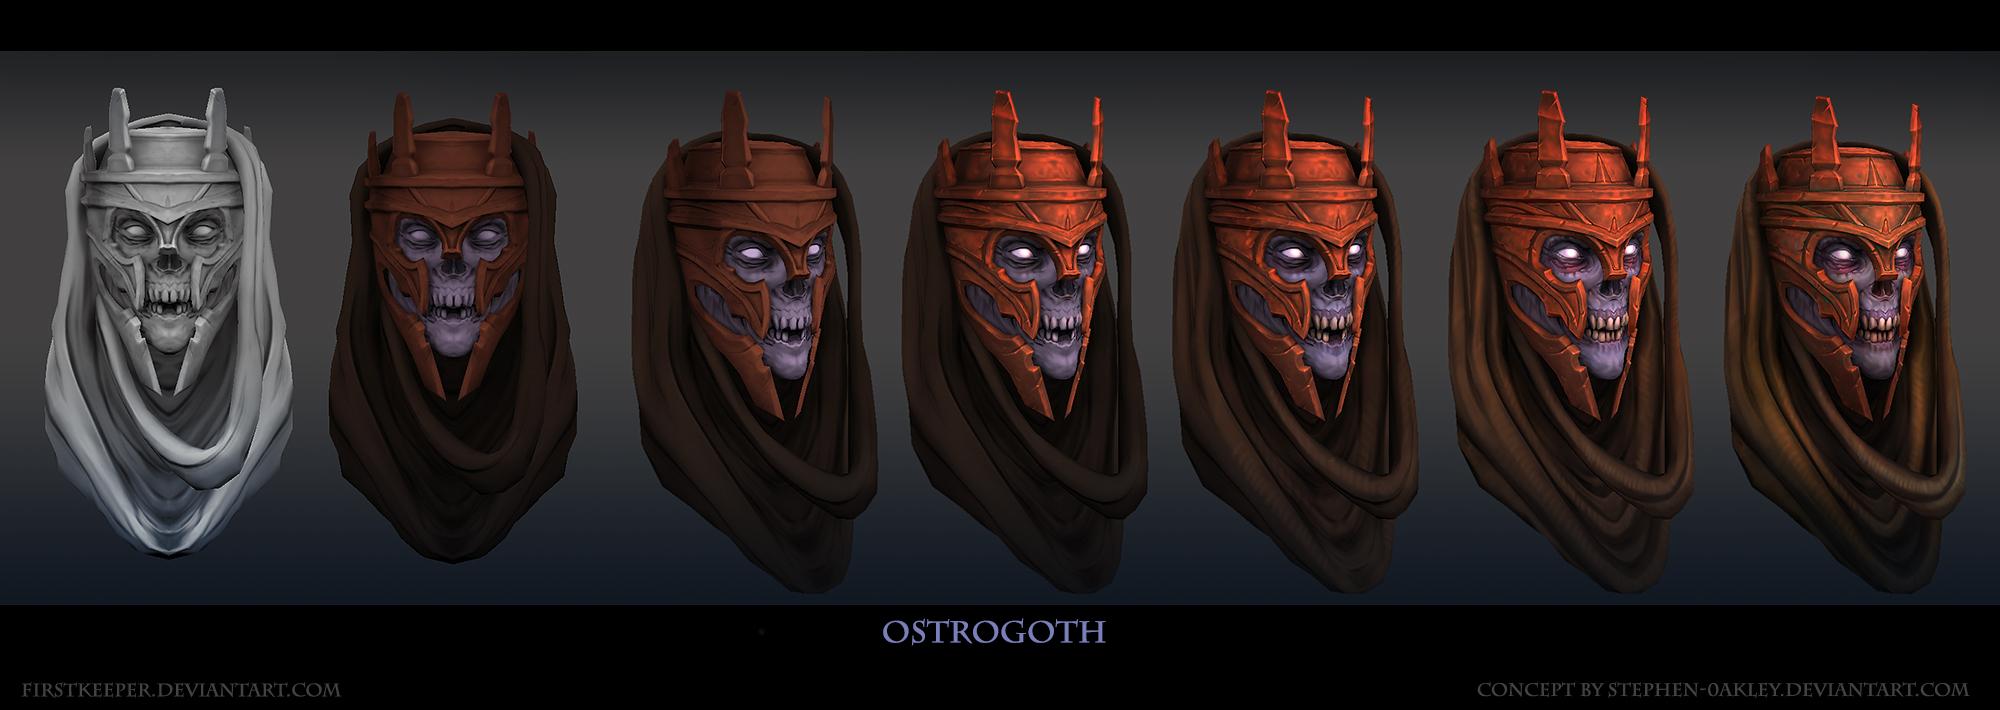 Ostrogoth Head by FirstKeeper